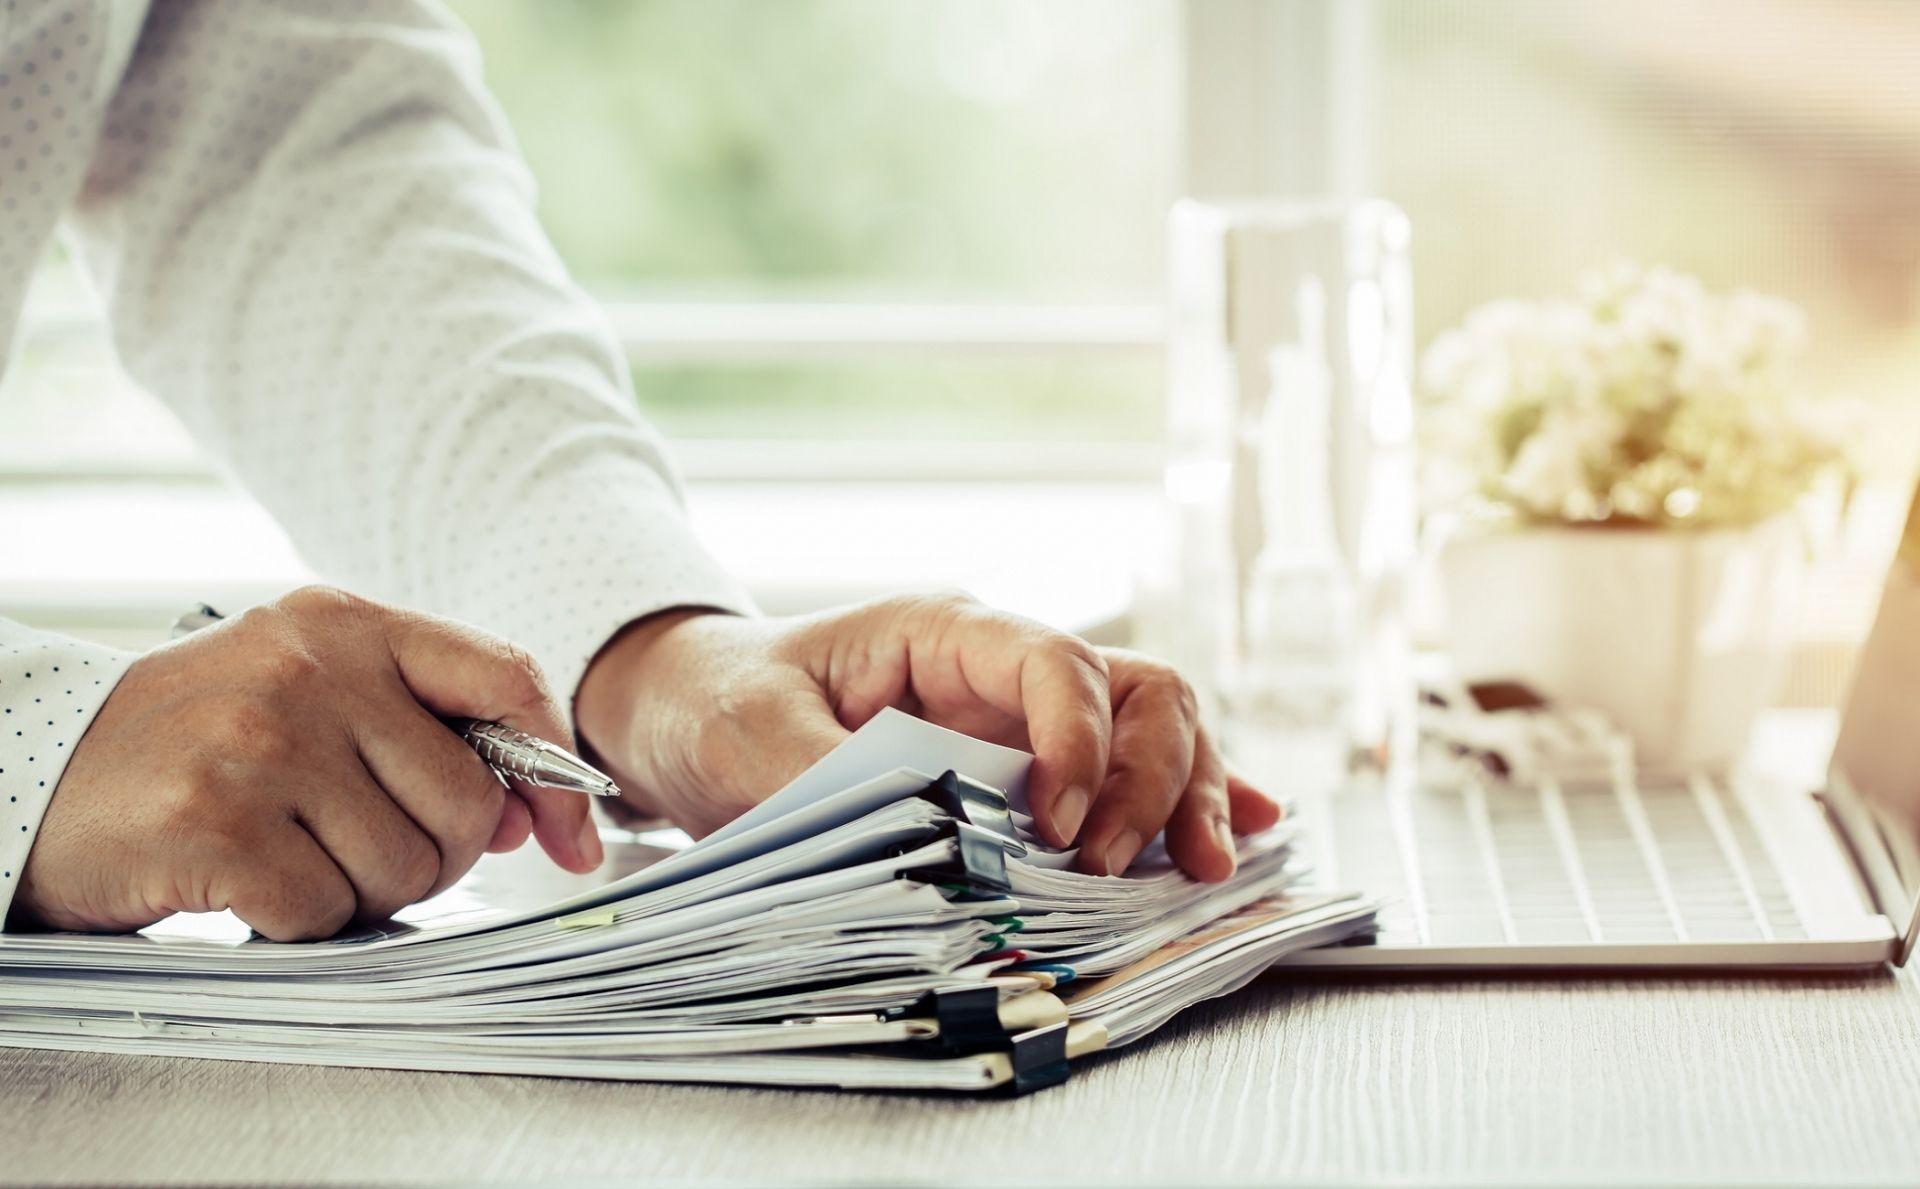 Tareas y funciones que desempeñan el personal administrativo de las empresas